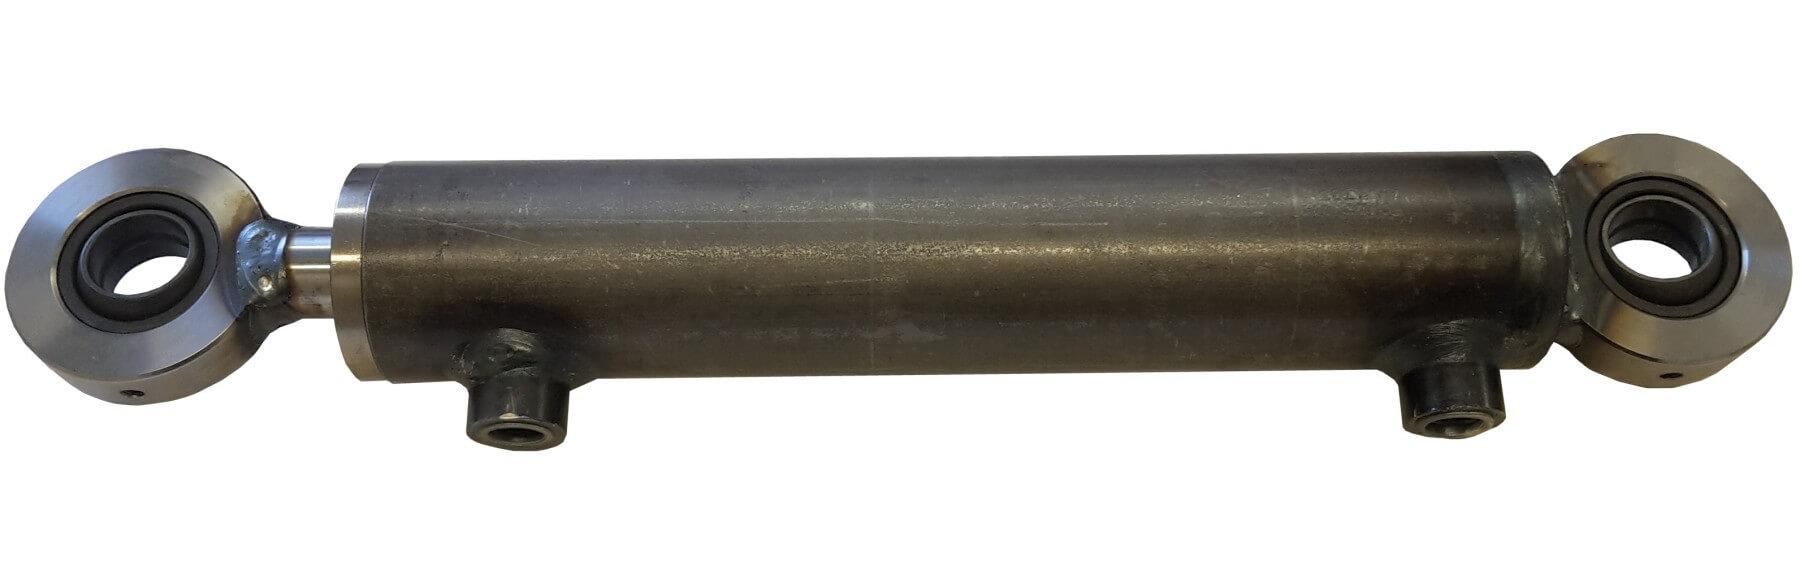 Hydraulisylinteri CL 40. 20. 250 GE - Kailatec Oy Verkkokauppa